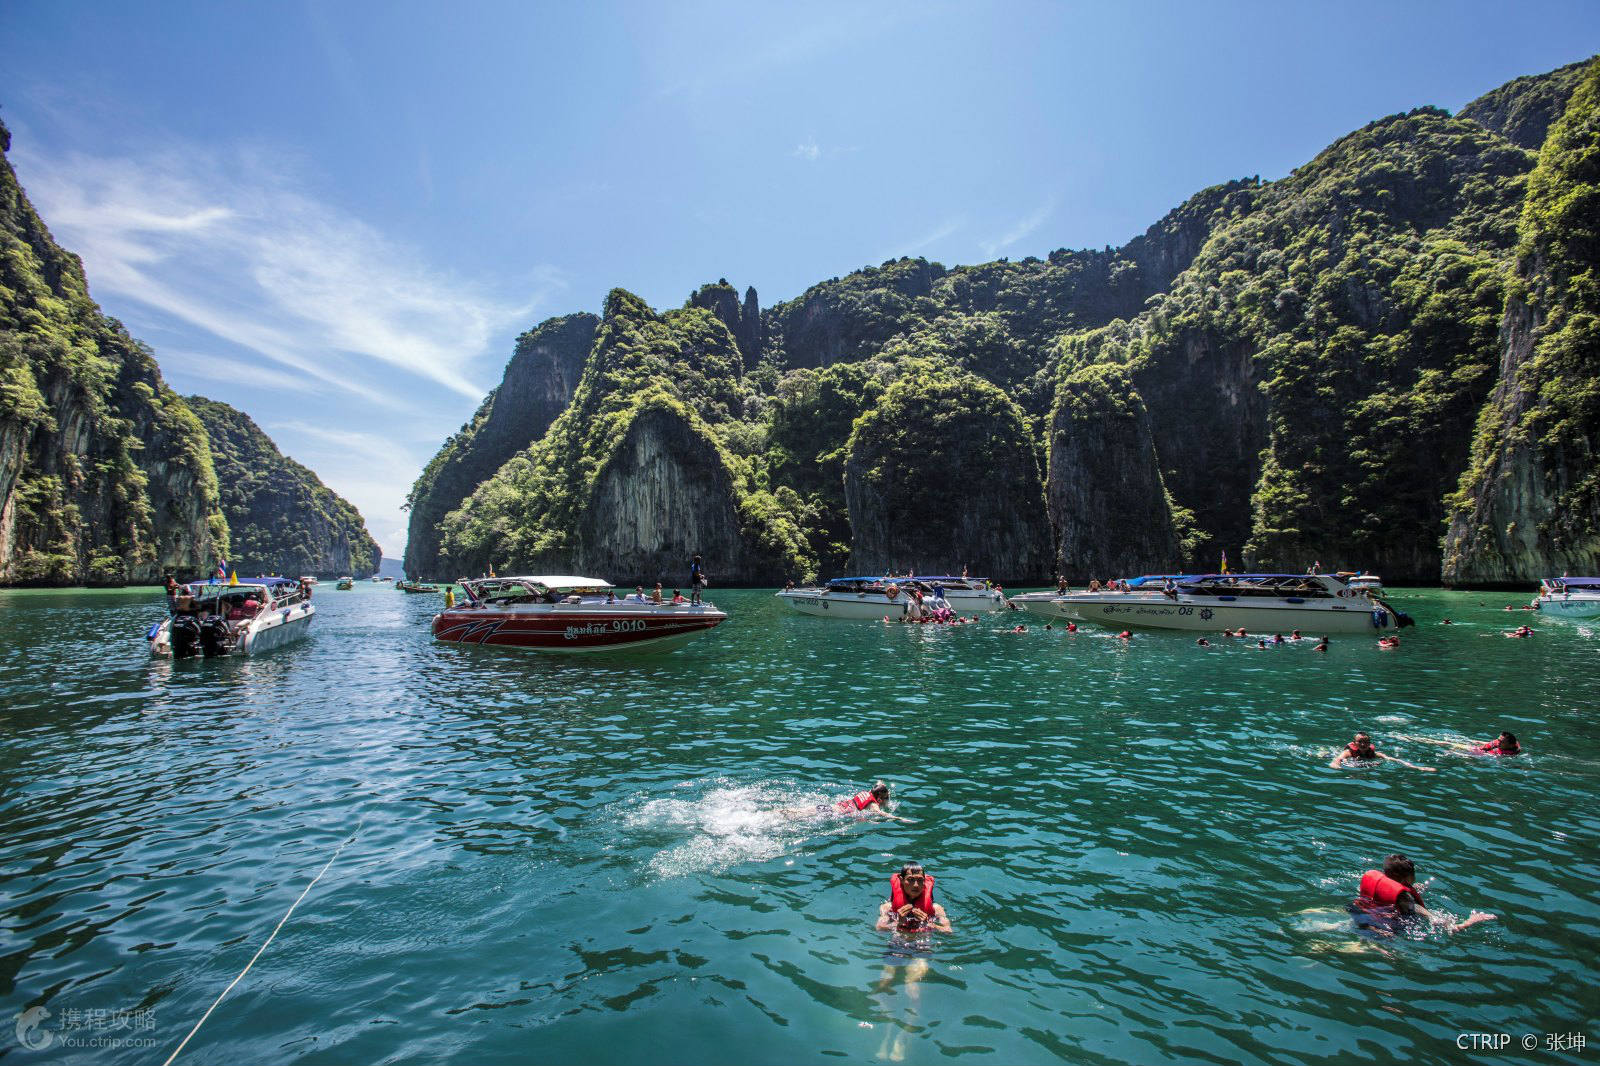 泰国普吉岛+皮皮岛6日4晚跟团游·无自费+大堡礁浮潜